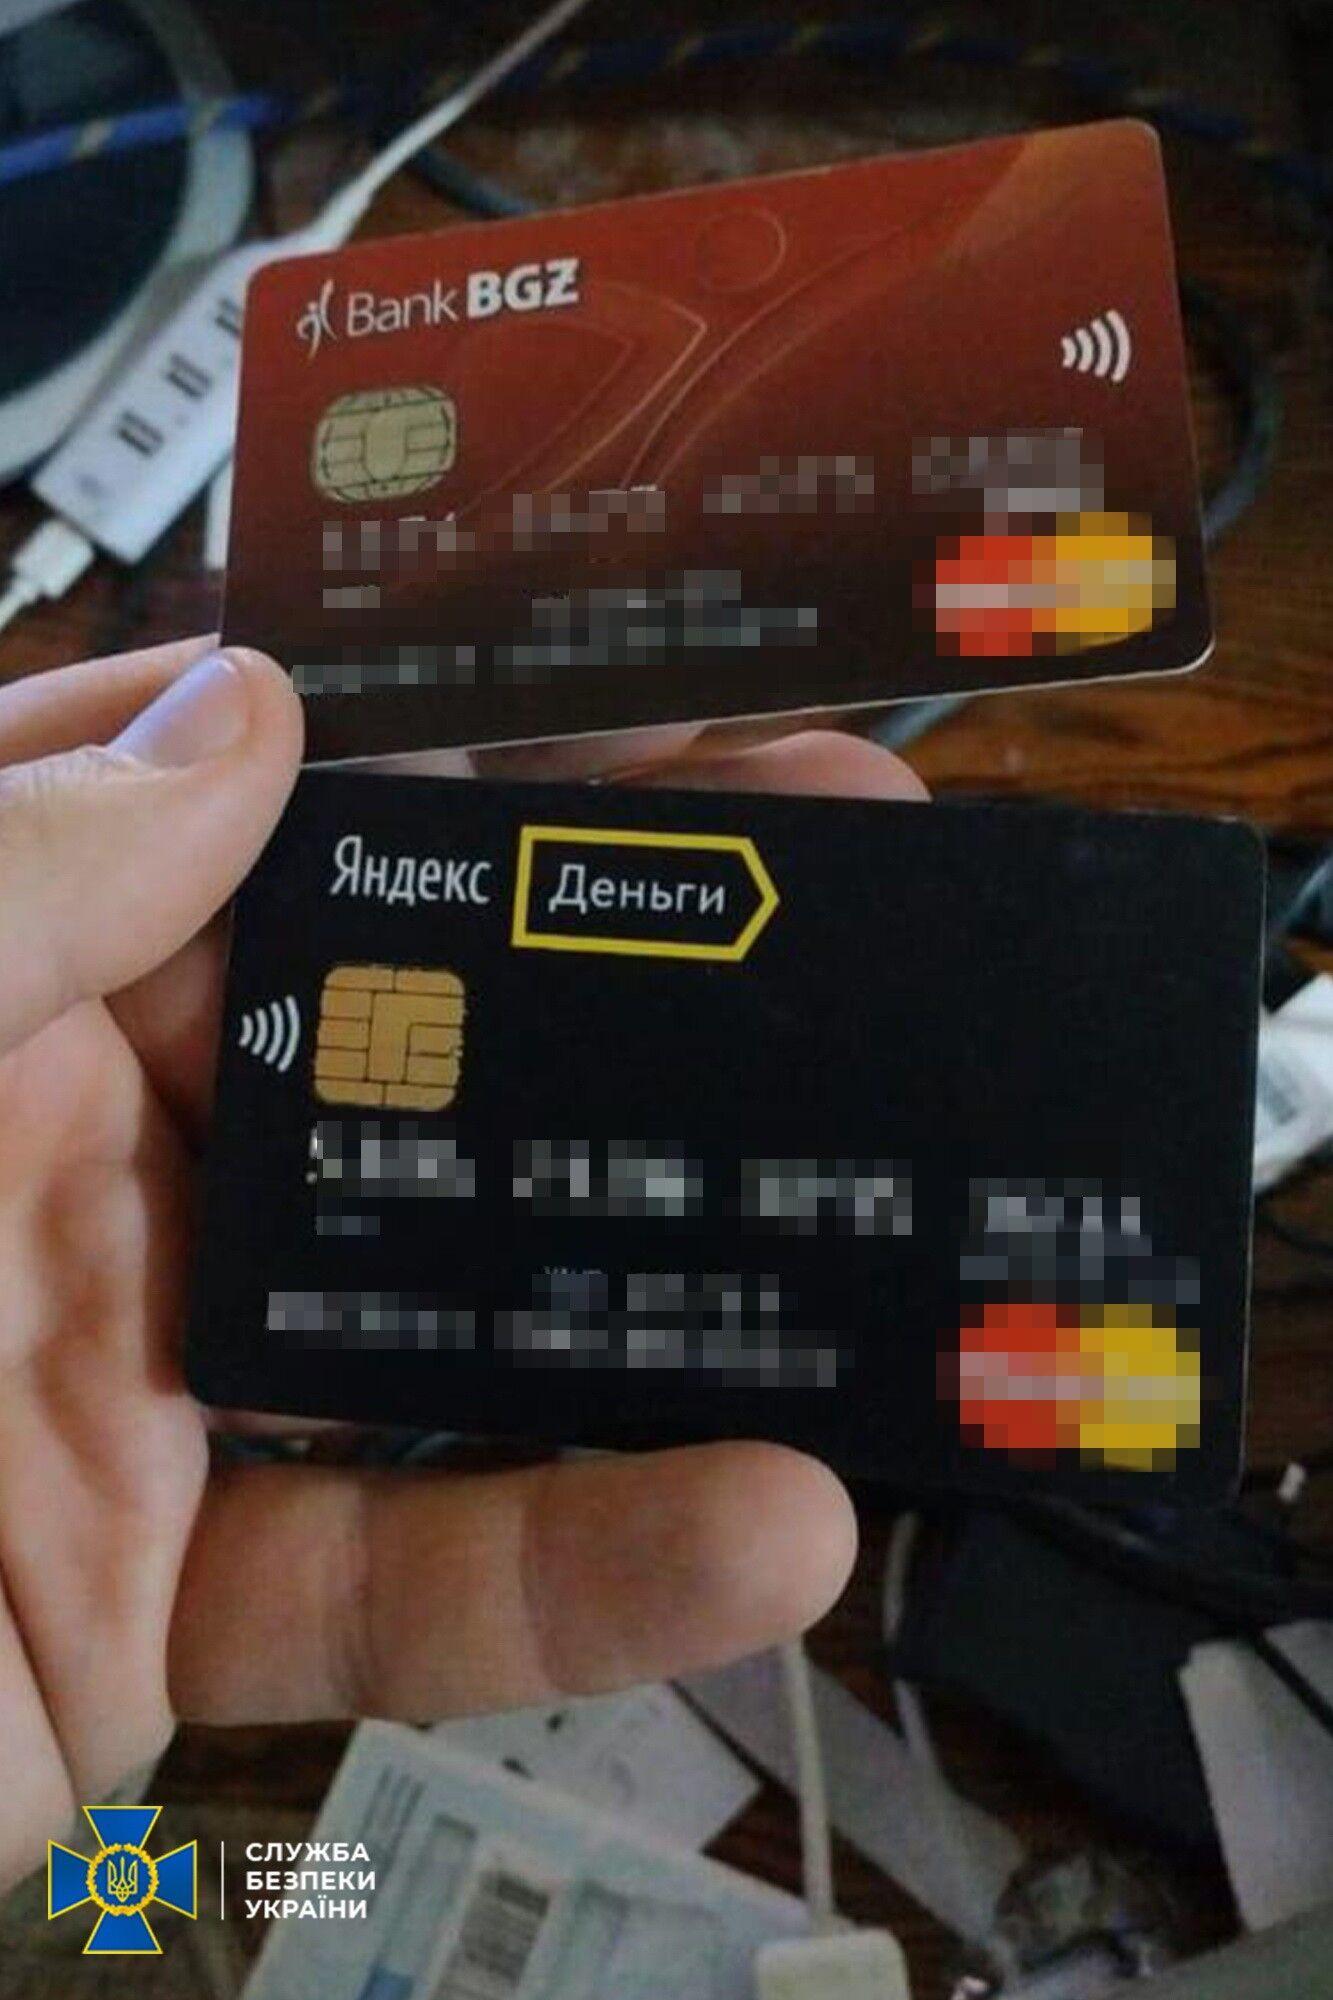 """Хакер финансировался российскими кураторами через запрещенную платежную систему """"Яндекс Деньги"""""""